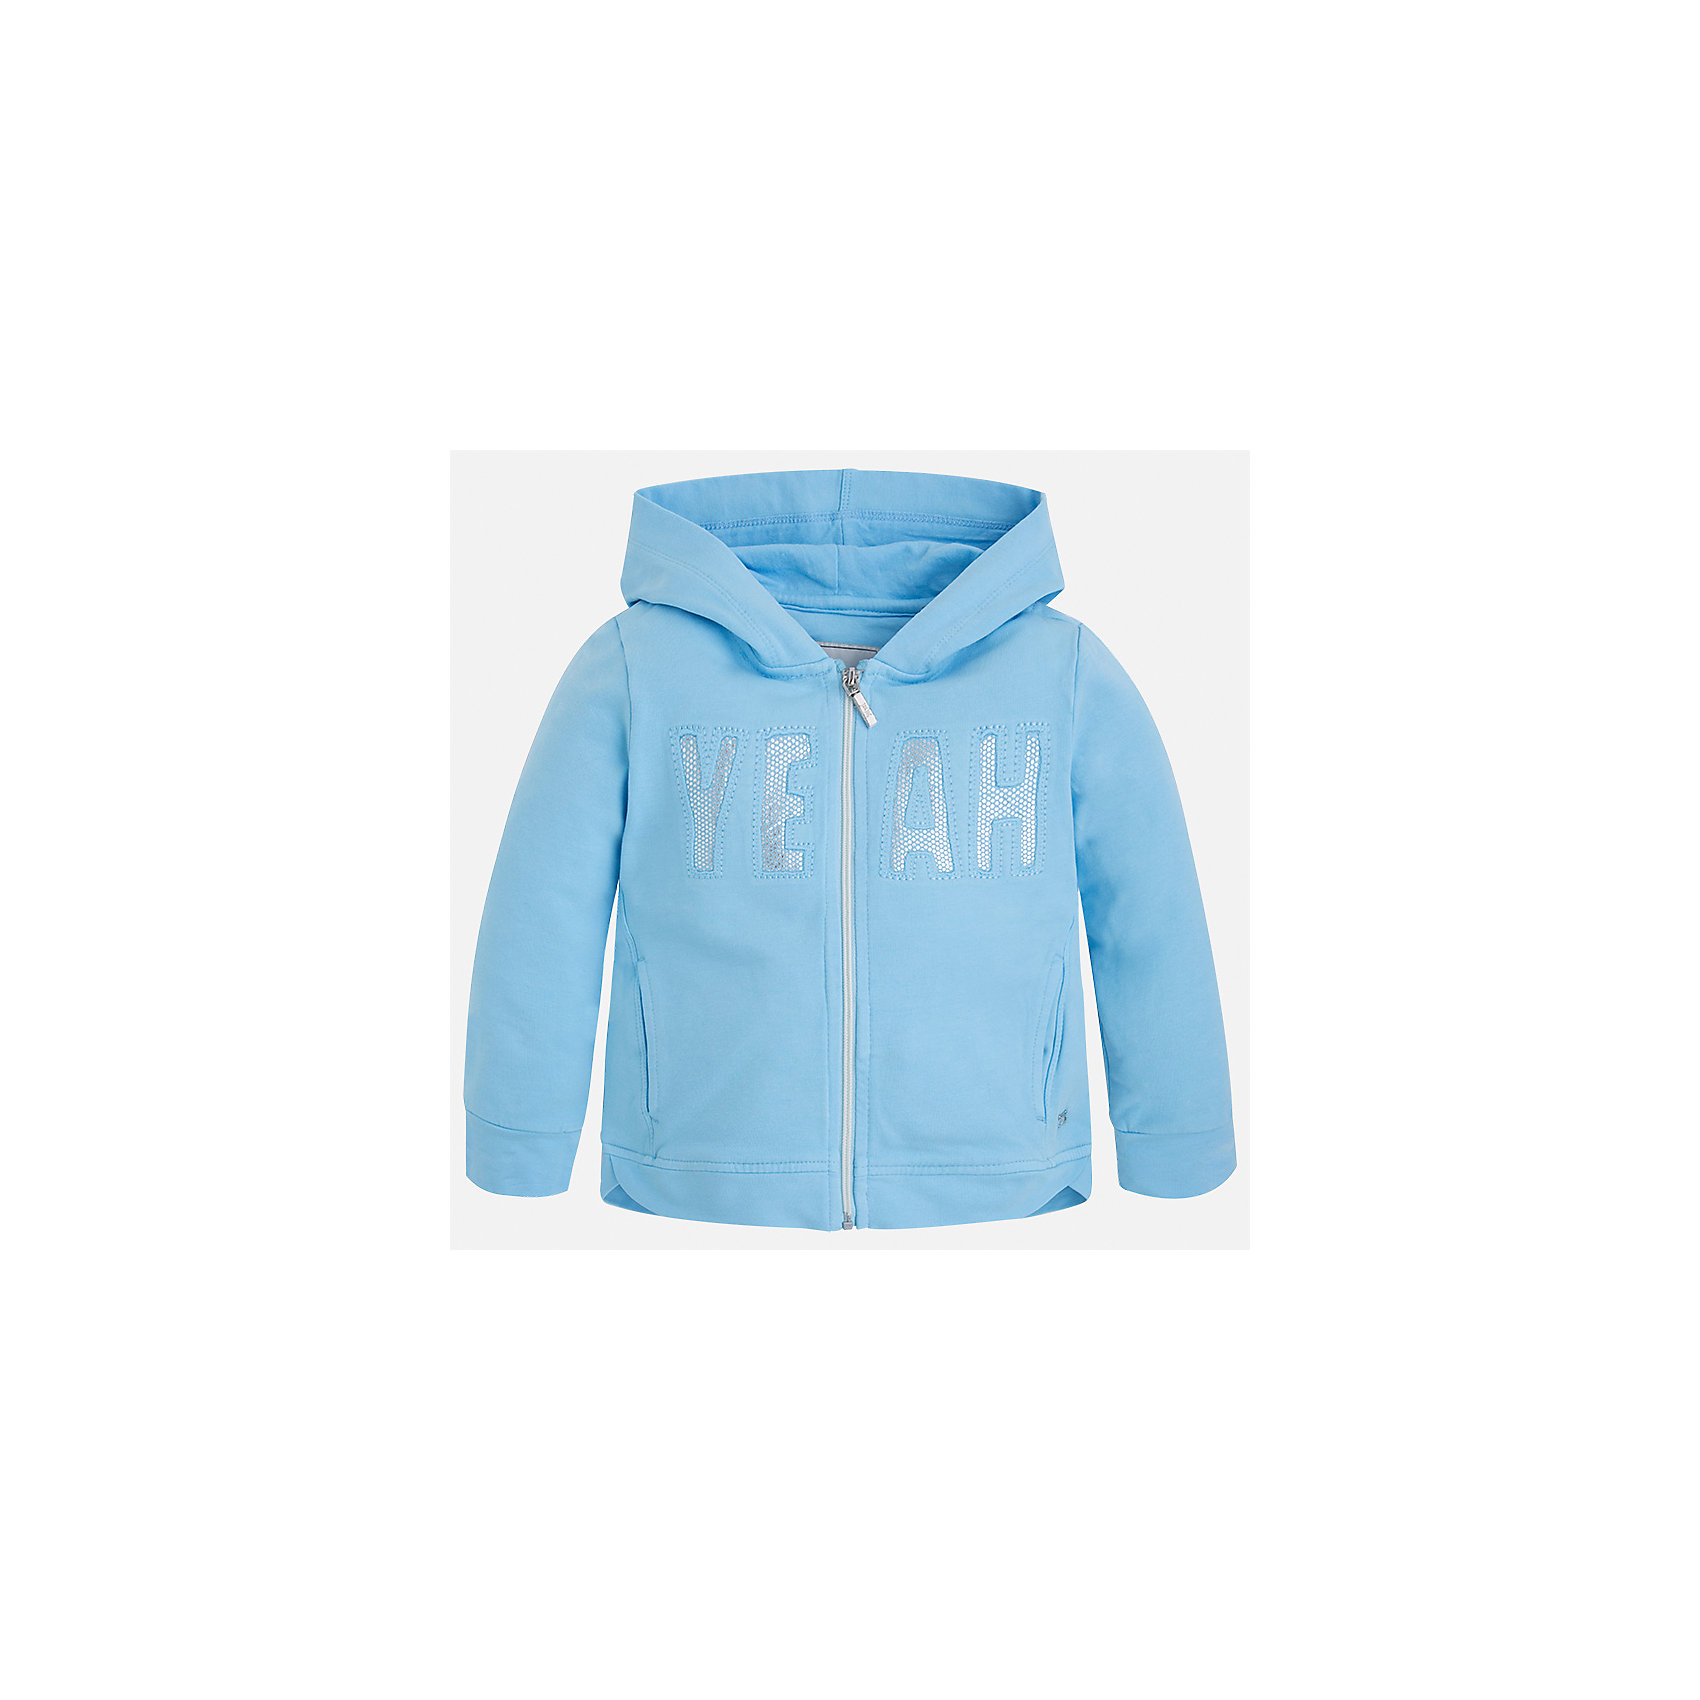 Толстовка для девочки MayoralТолстовки<br>Характеристики товара:<br><br>• цвет: голубой<br>• состав: 98% хлопок, 2% эластан<br>• застежка: молния<br>• карманы<br>• с длинными рукавами <br>• капюшон<br>• украшена вышивкой<br>• страна бренда: Испания<br><br>Стильная куртка для девочки поможет разнообразить гардероб ребенка и обеспечить тепло в прохладную погоду. Она отлично сочетается и с юбками, и с брюками. Красивый цвет позволяет подобрать к вещи низ различных расцветок. Интересная отделка модели делает её нарядной и стильной. Оригинальной и модной куртку делает вышивка.<br><br>Одежда, обувь и аксессуары от испанского бренда Mayoral полюбились детям и взрослым по всему миру. Модели этой марки - стильные и удобные. Для их производства используются только безопасные, качественные материалы и фурнитура. Порадуйте ребенка модными и красивыми вещами от Mayoral! <br><br>Куртку для девочки от испанского бренда Mayoral (Майорал) можно купить в нашем интернет-магазине.<br><br>Ширина мм: 356<br>Глубина мм: 10<br>Высота мм: 245<br>Вес г: 519<br>Цвет: синий<br>Возраст от месяцев: 36<br>Возраст до месяцев: 48<br>Пол: Женский<br>Возраст: Детский<br>Размер: 104,110,116,122,128,134,98,92<br>SKU: 5290163